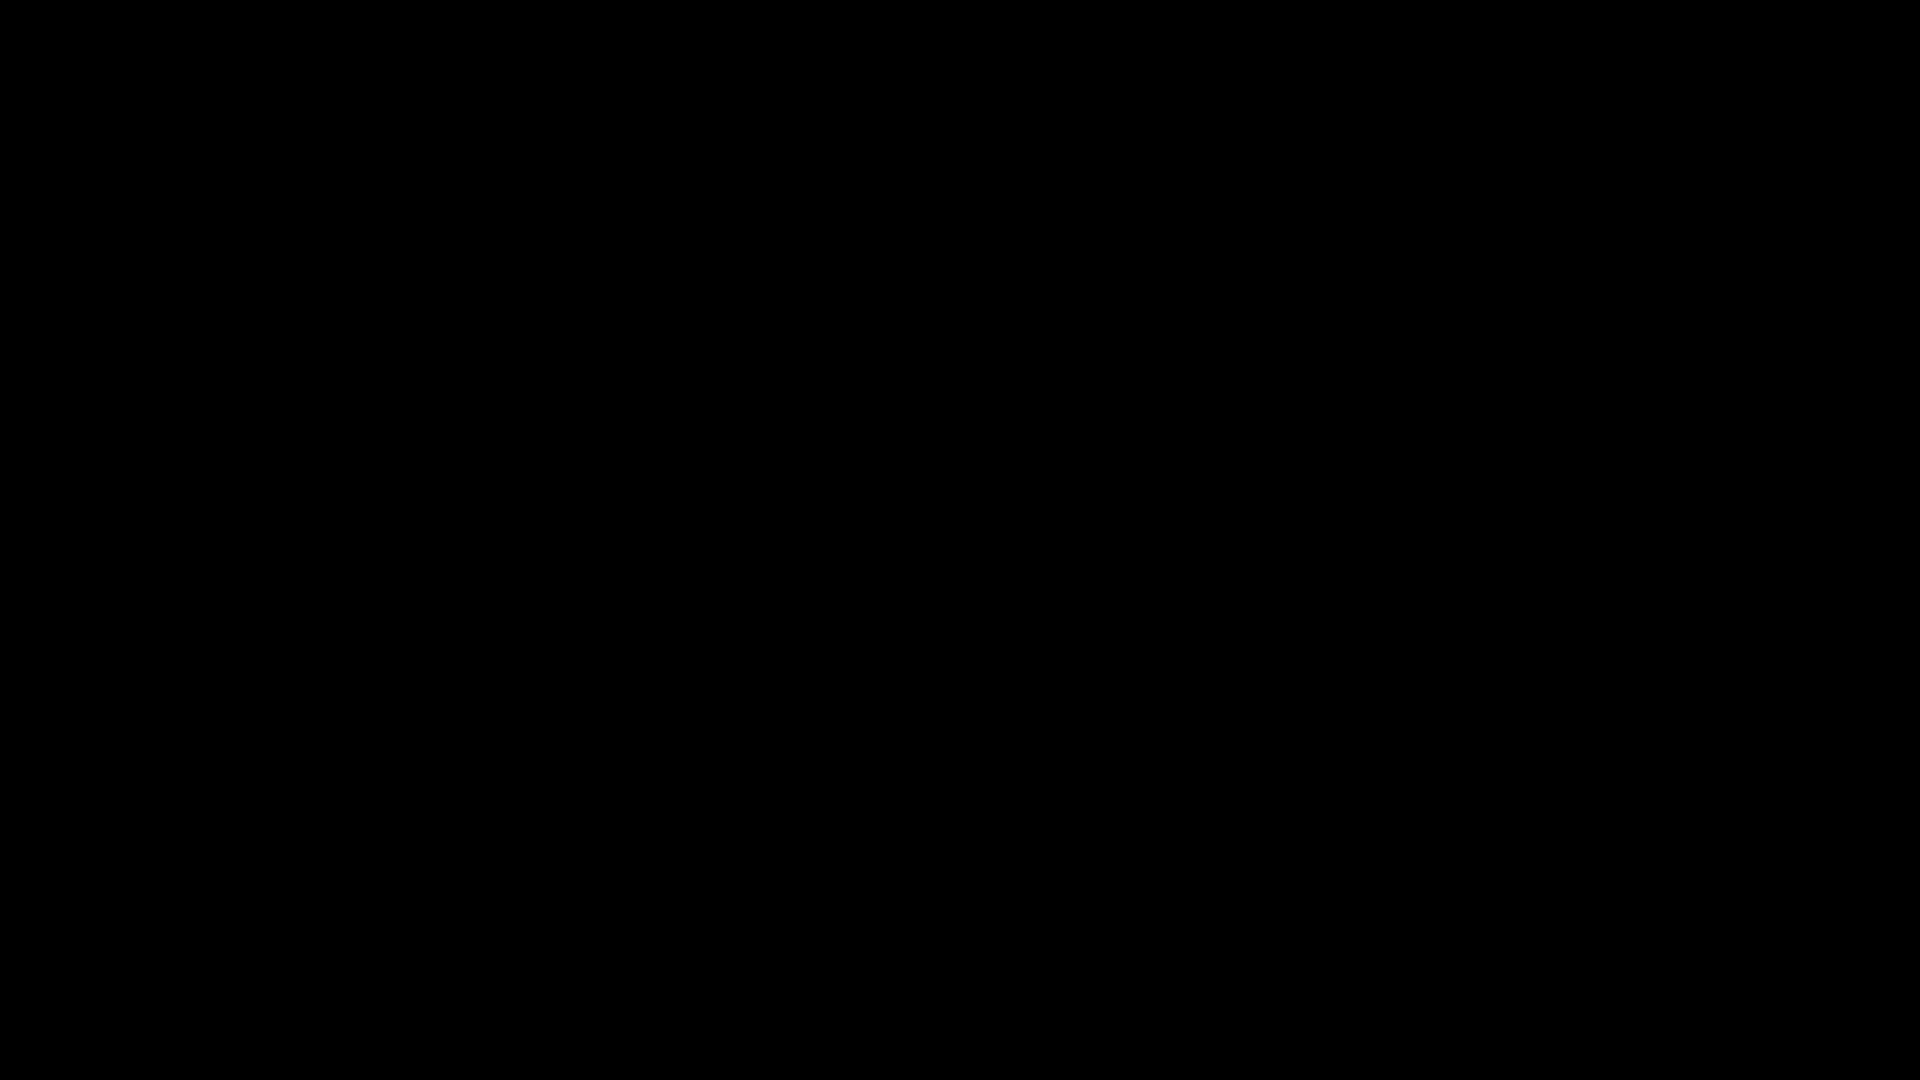 高画質露天女風呂観察 vol.032 入浴 盗撮われめAV動画紹介 54画像 4